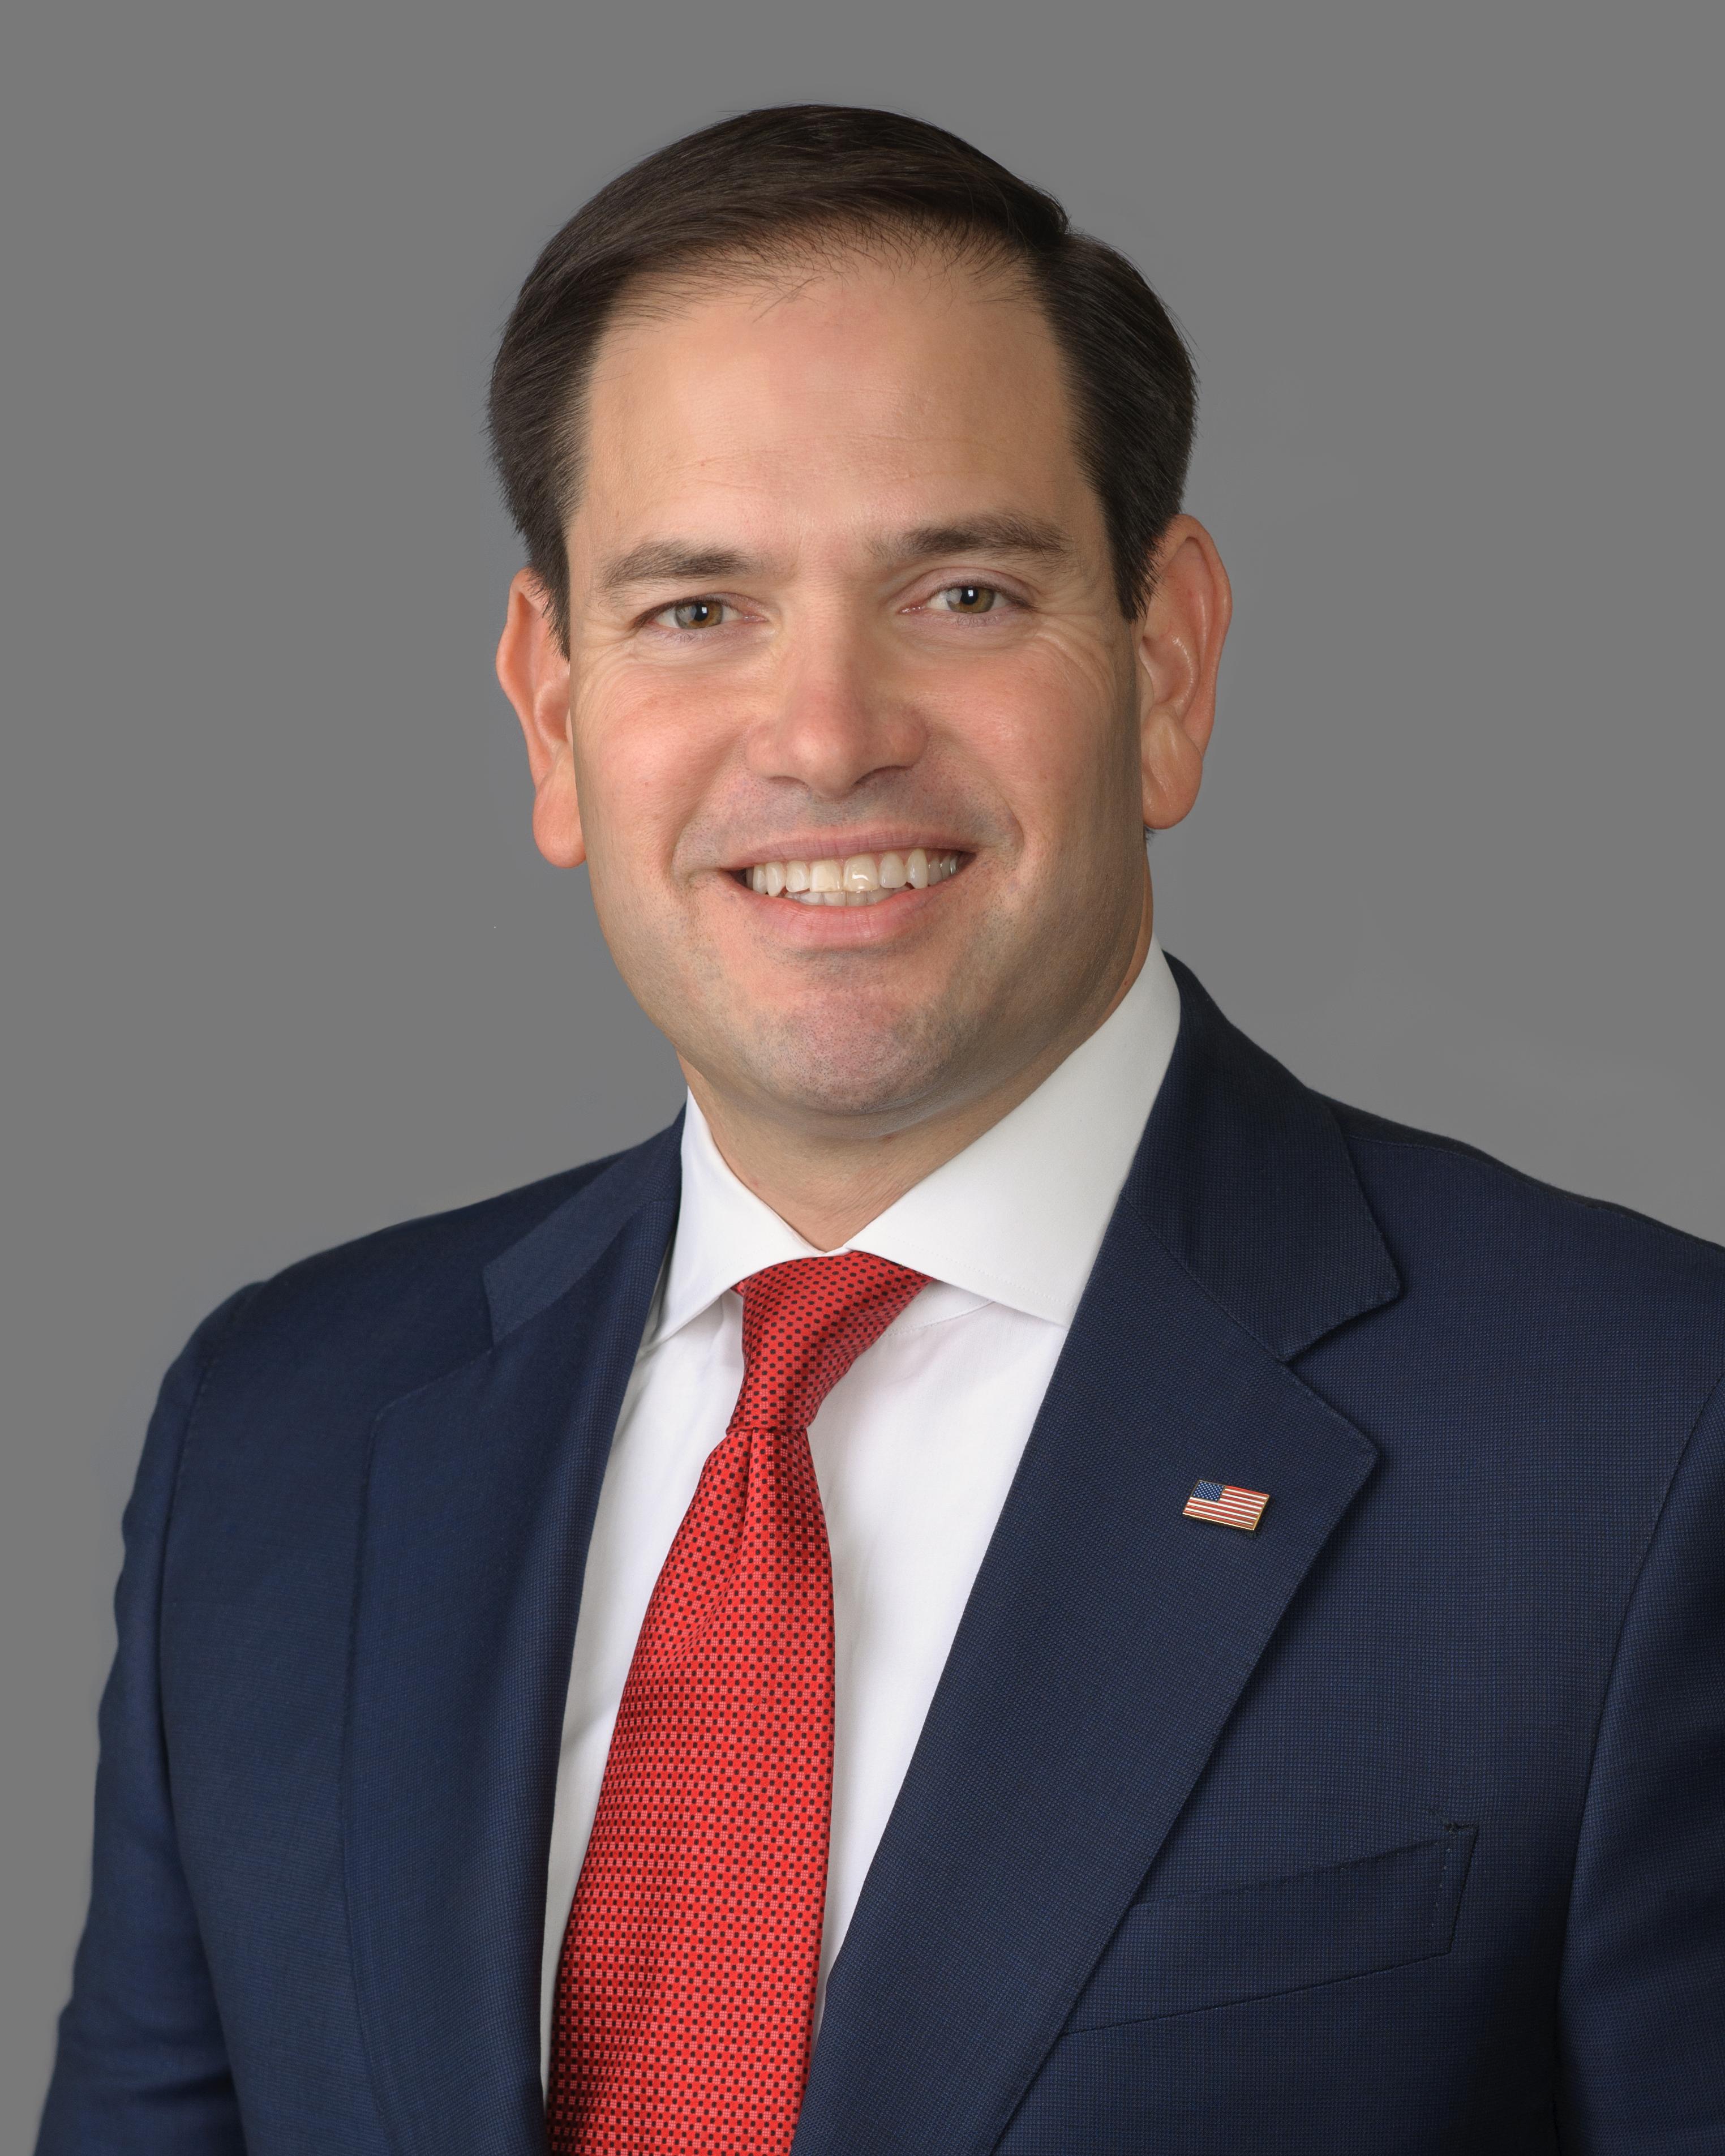 Veja o que saiu no Migalhas sobre Marco Rubio